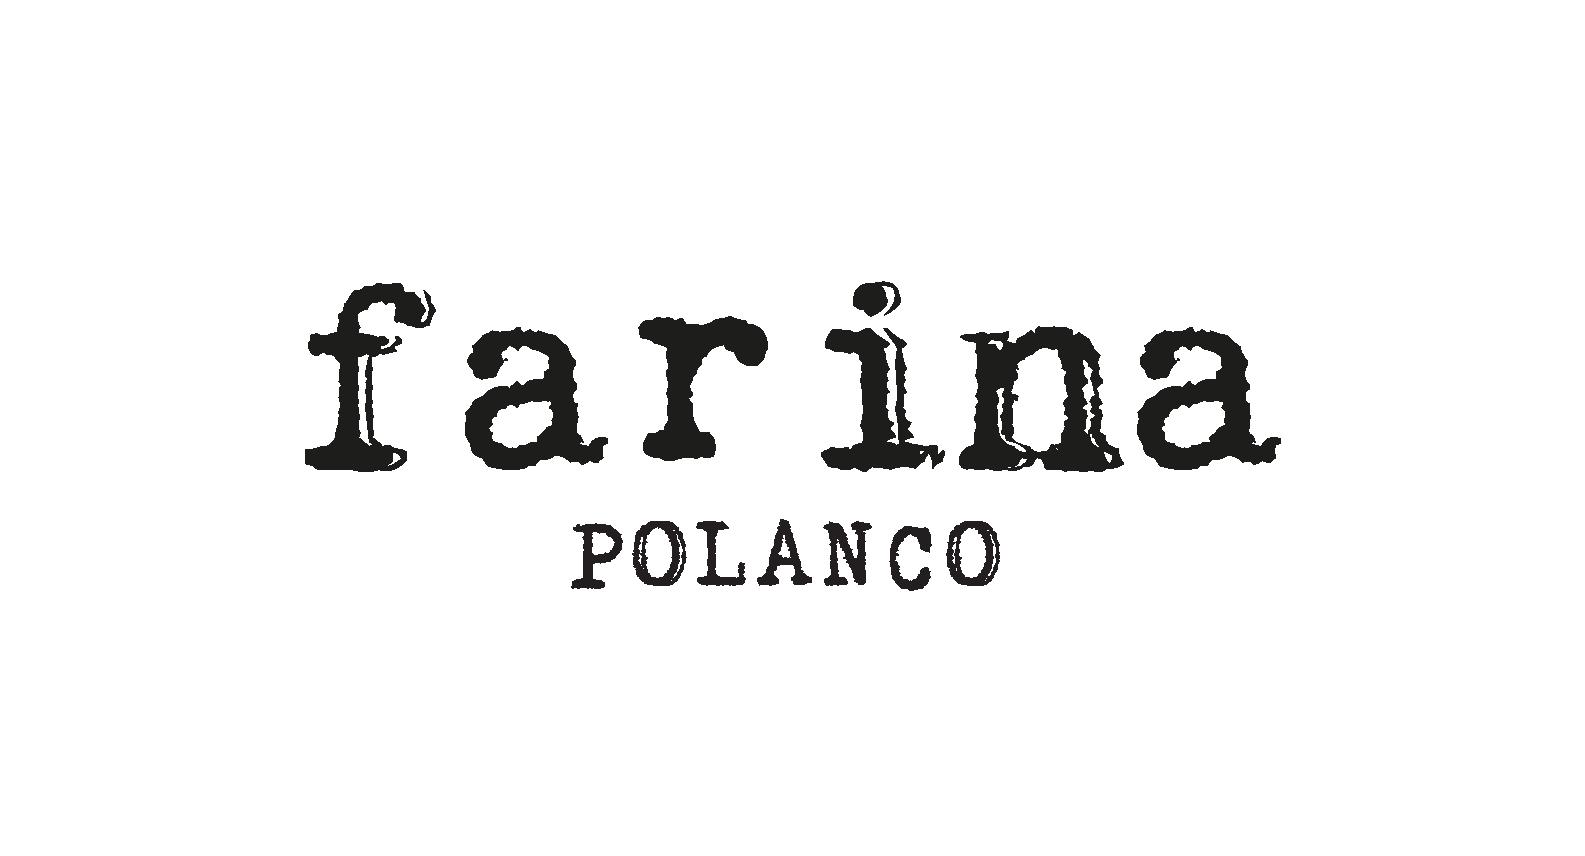 Farina_Polanco